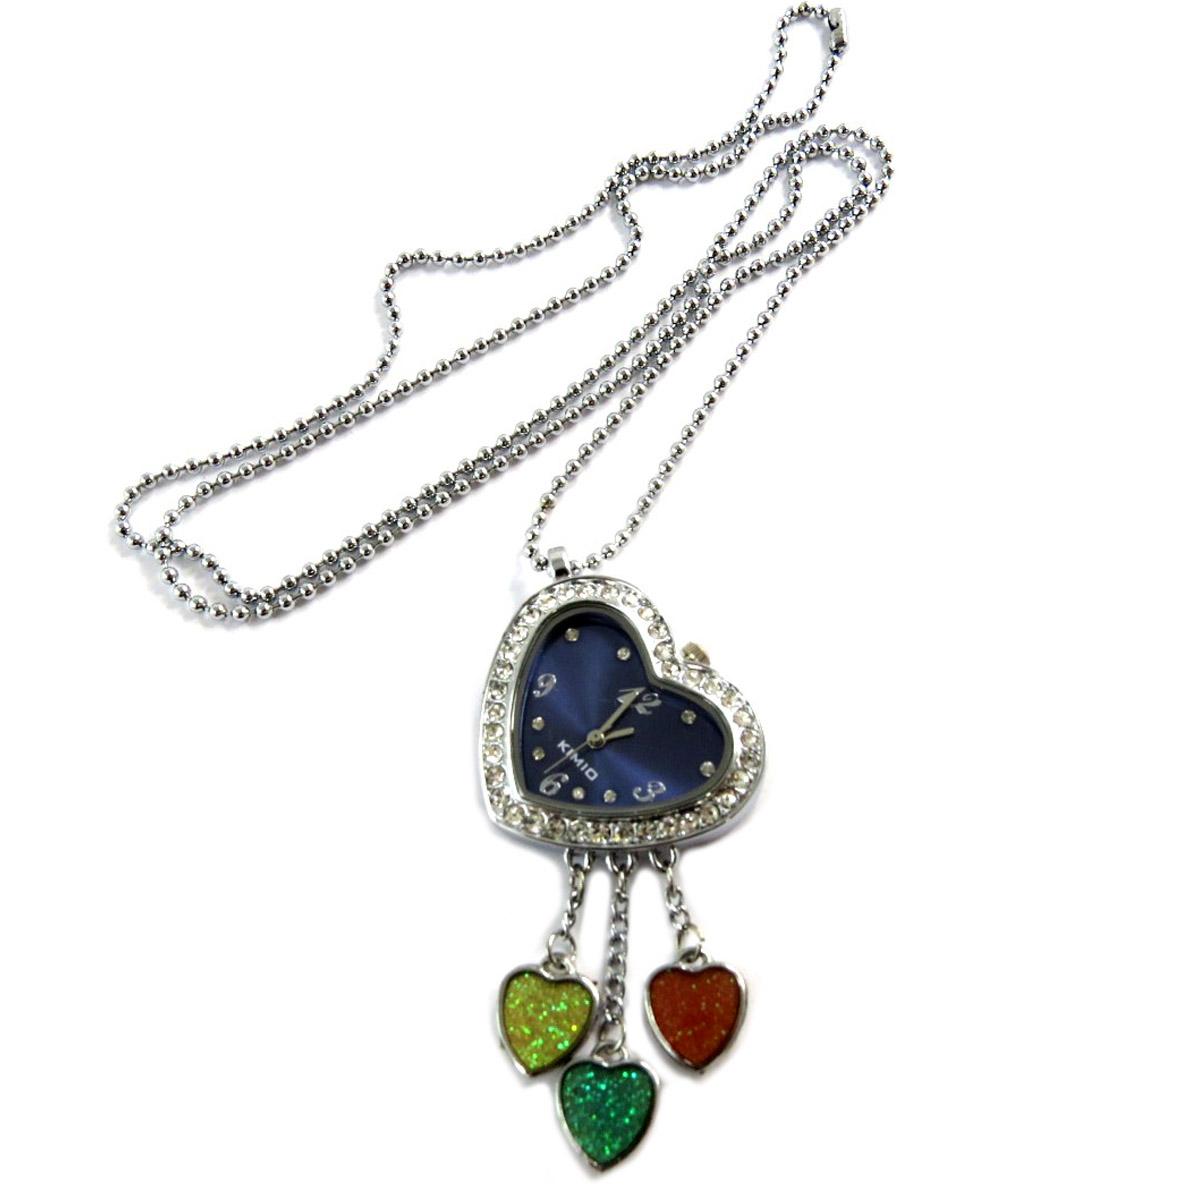 Collier montre \'Love\' multicolore argenté - 70 cm, 60x30 mm - [Q2780]